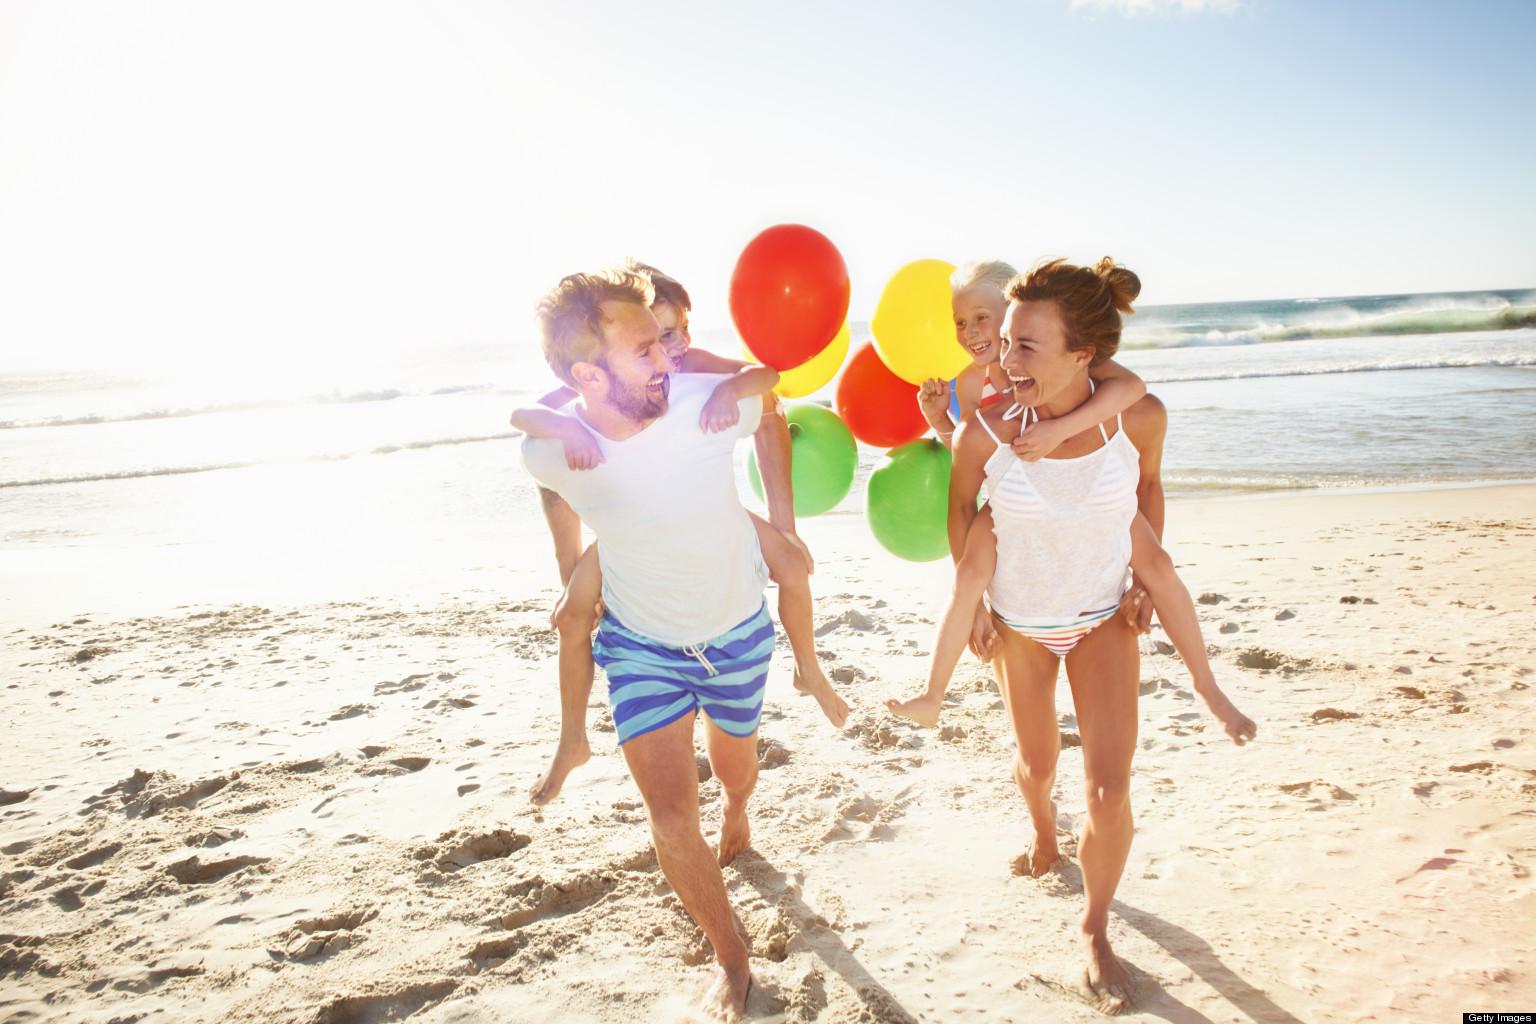 Plecăm în vacanță! Cu sau fără copii? Aceasta este întrebarea!